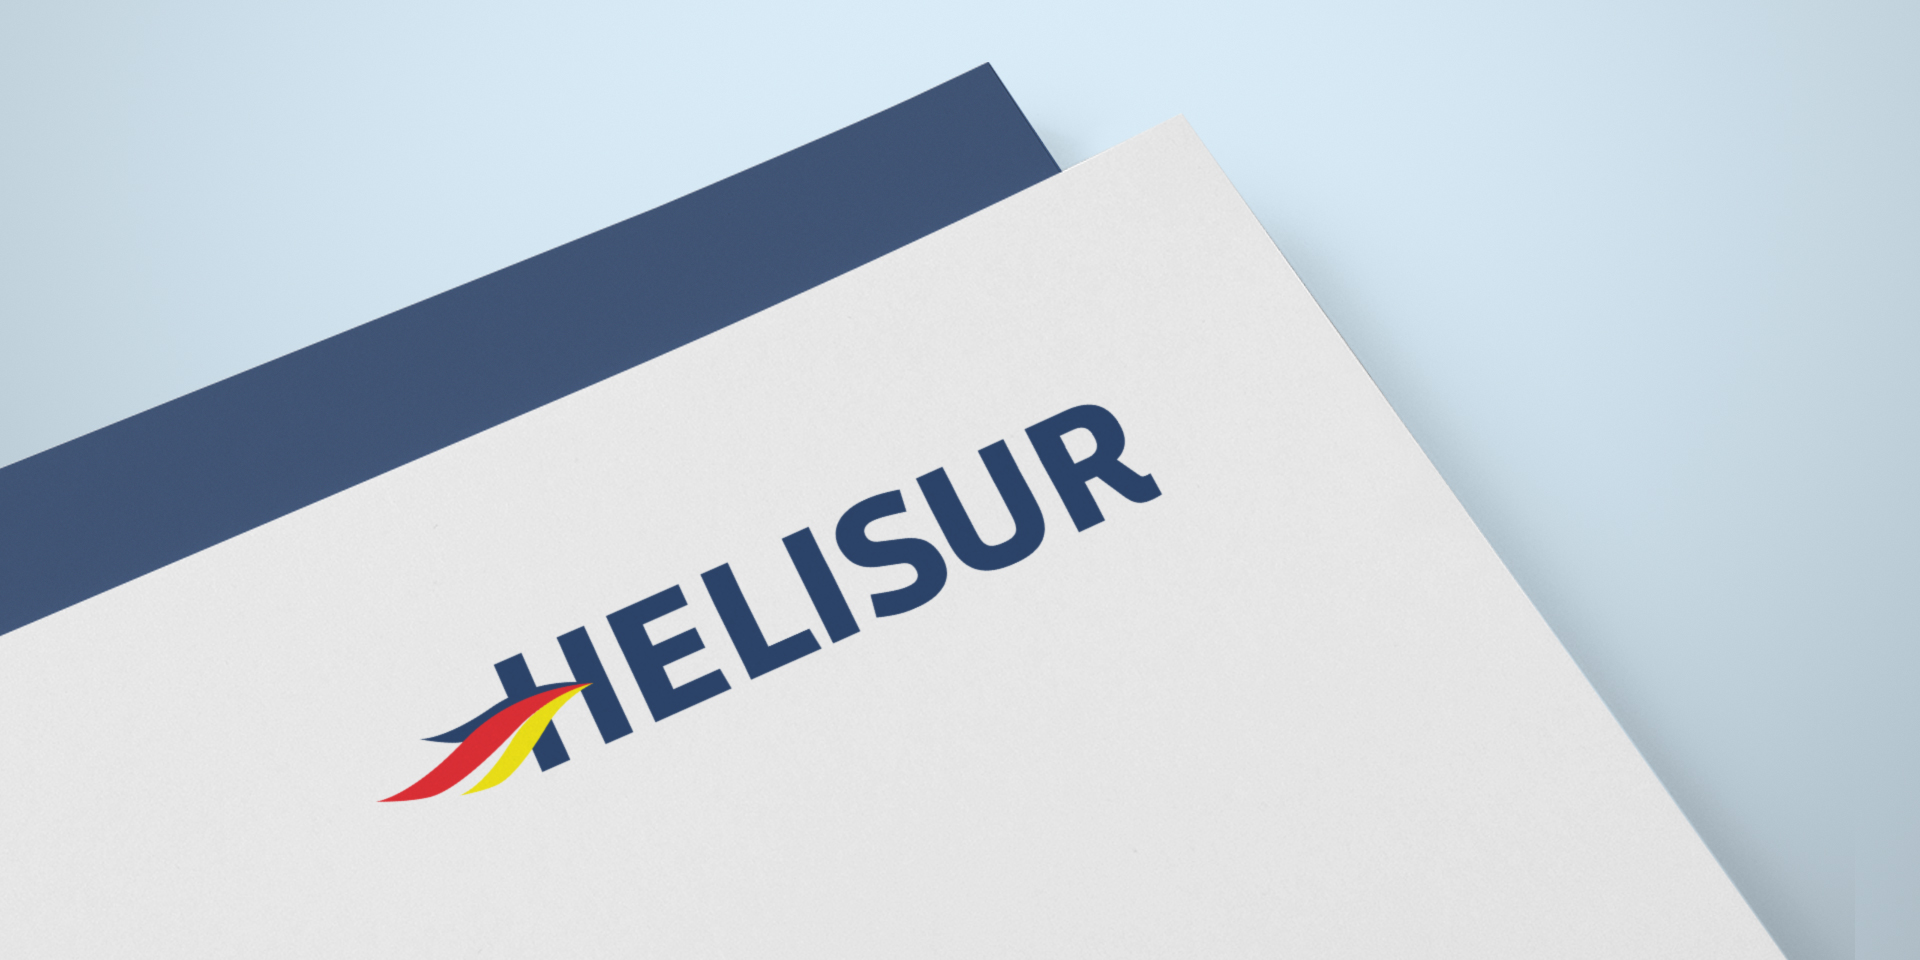 Helisur-rotulo